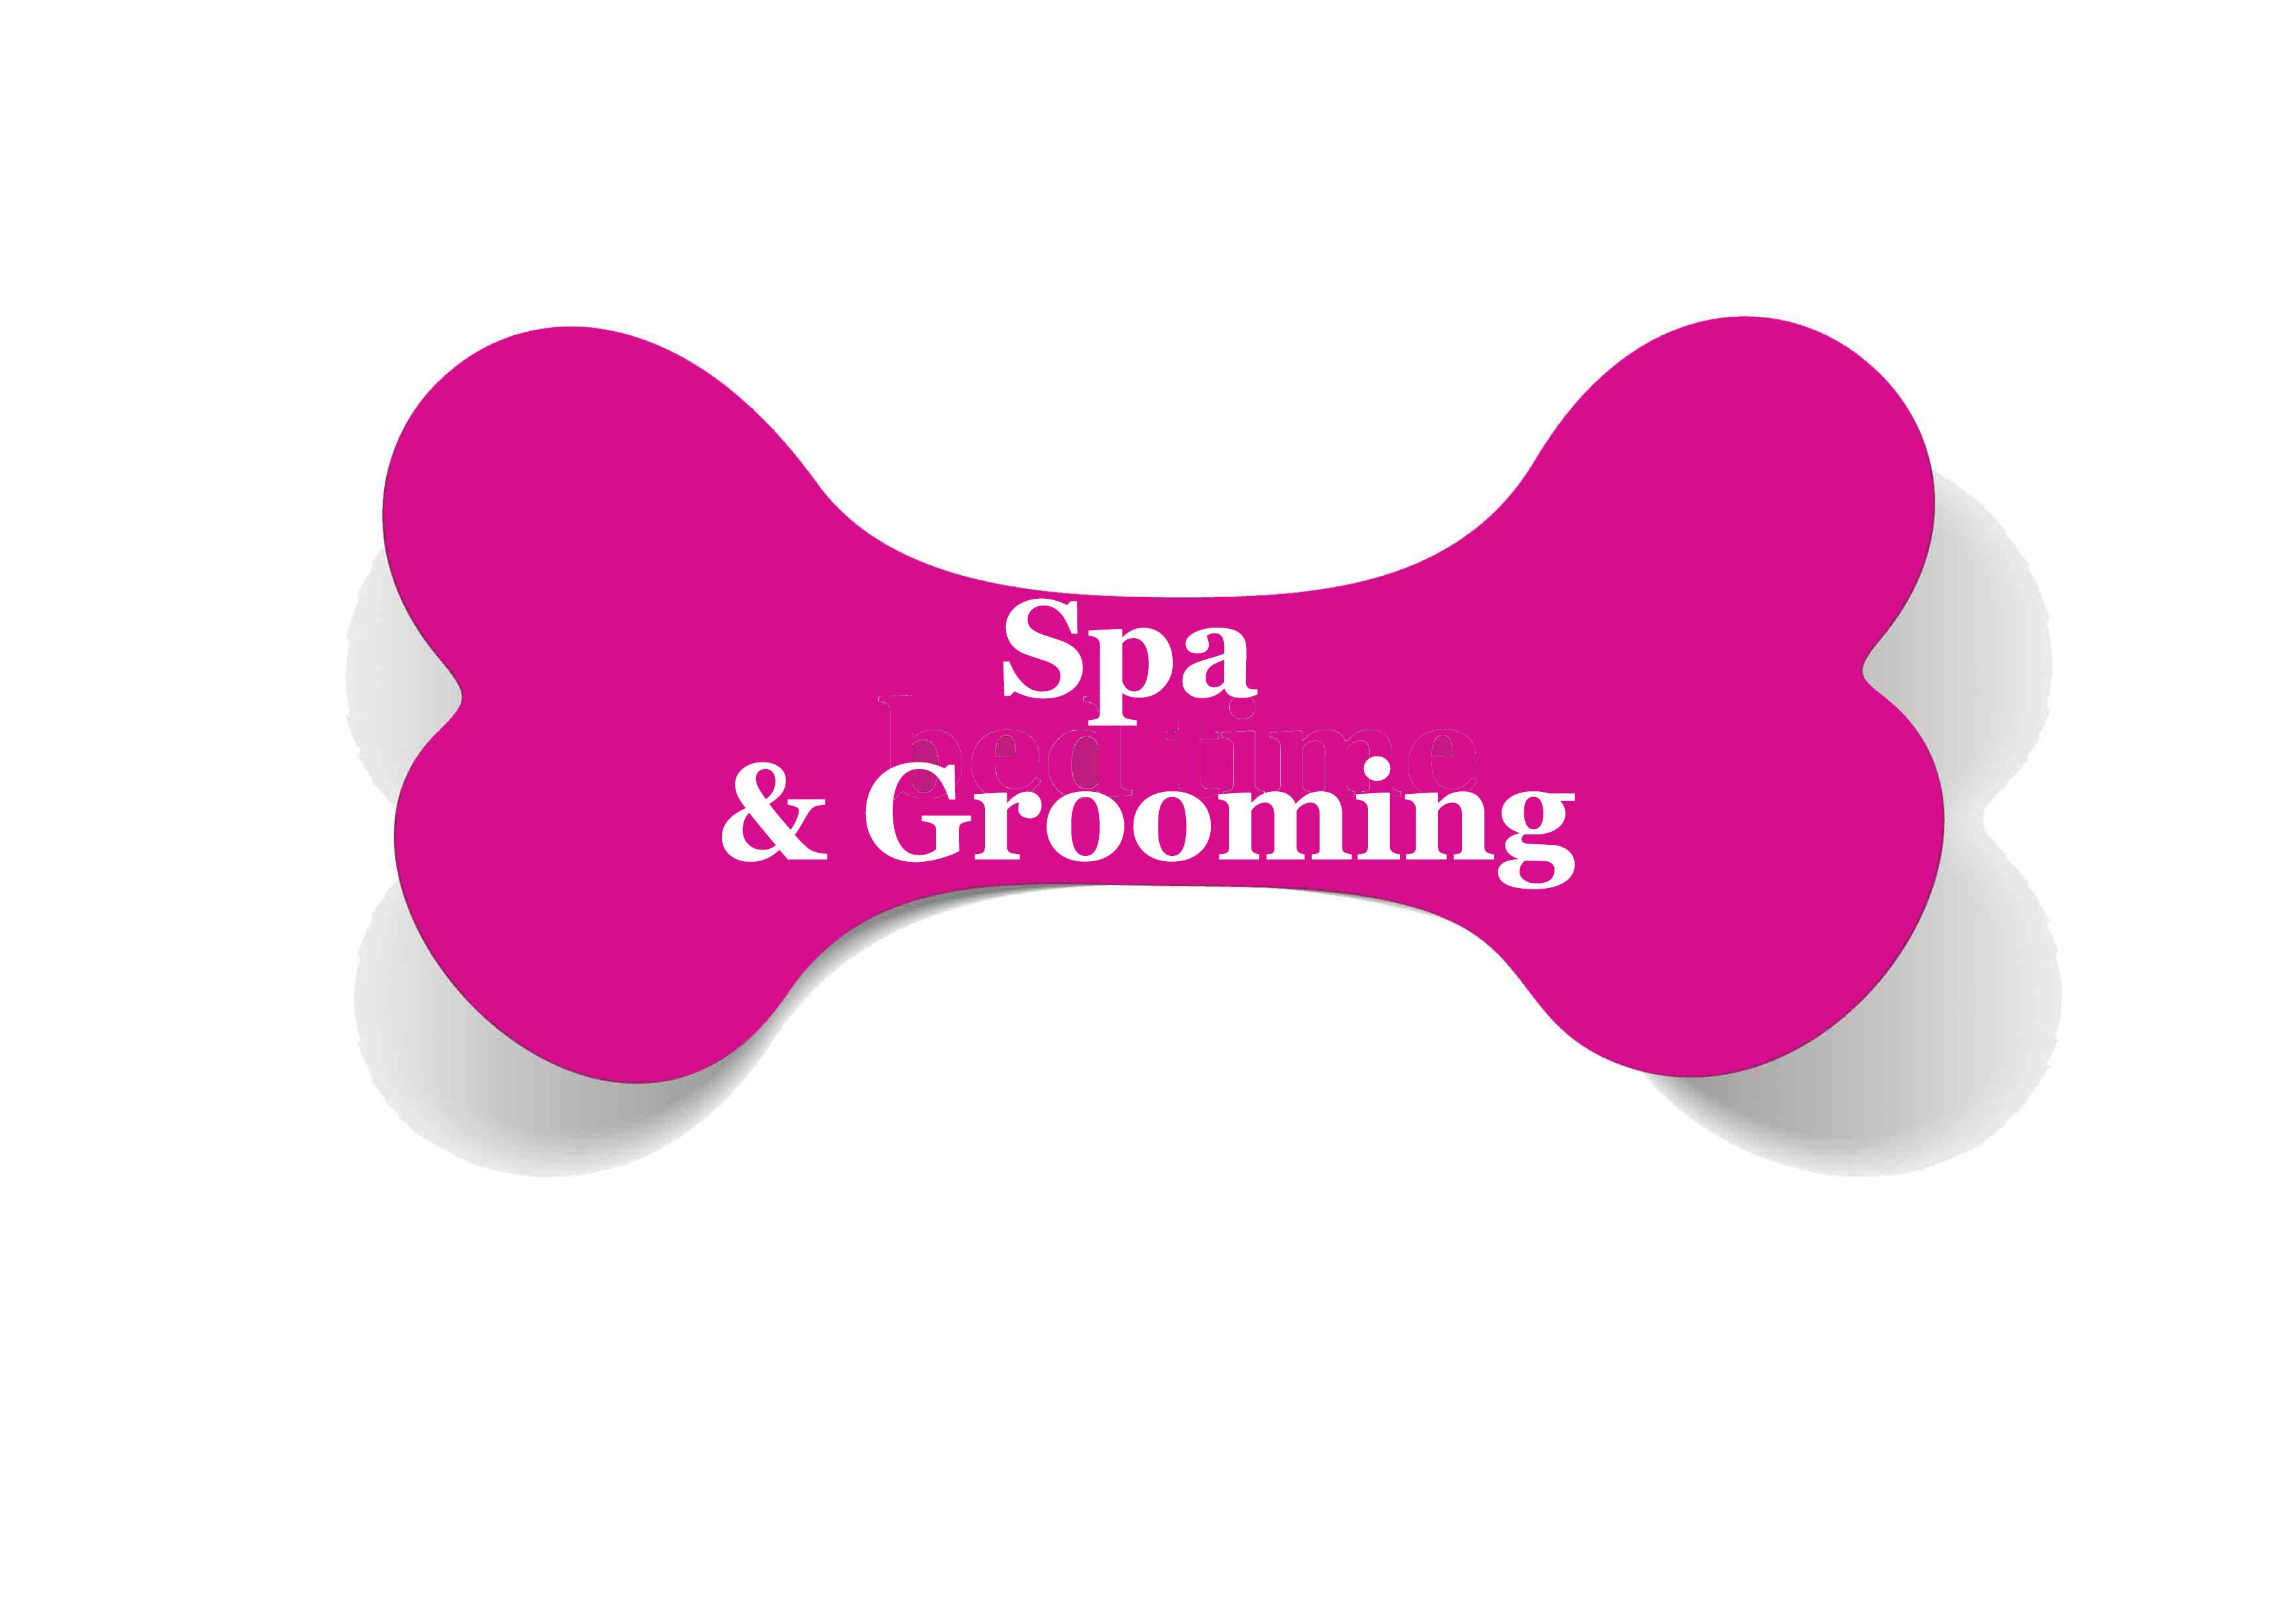 Spa & Grooming